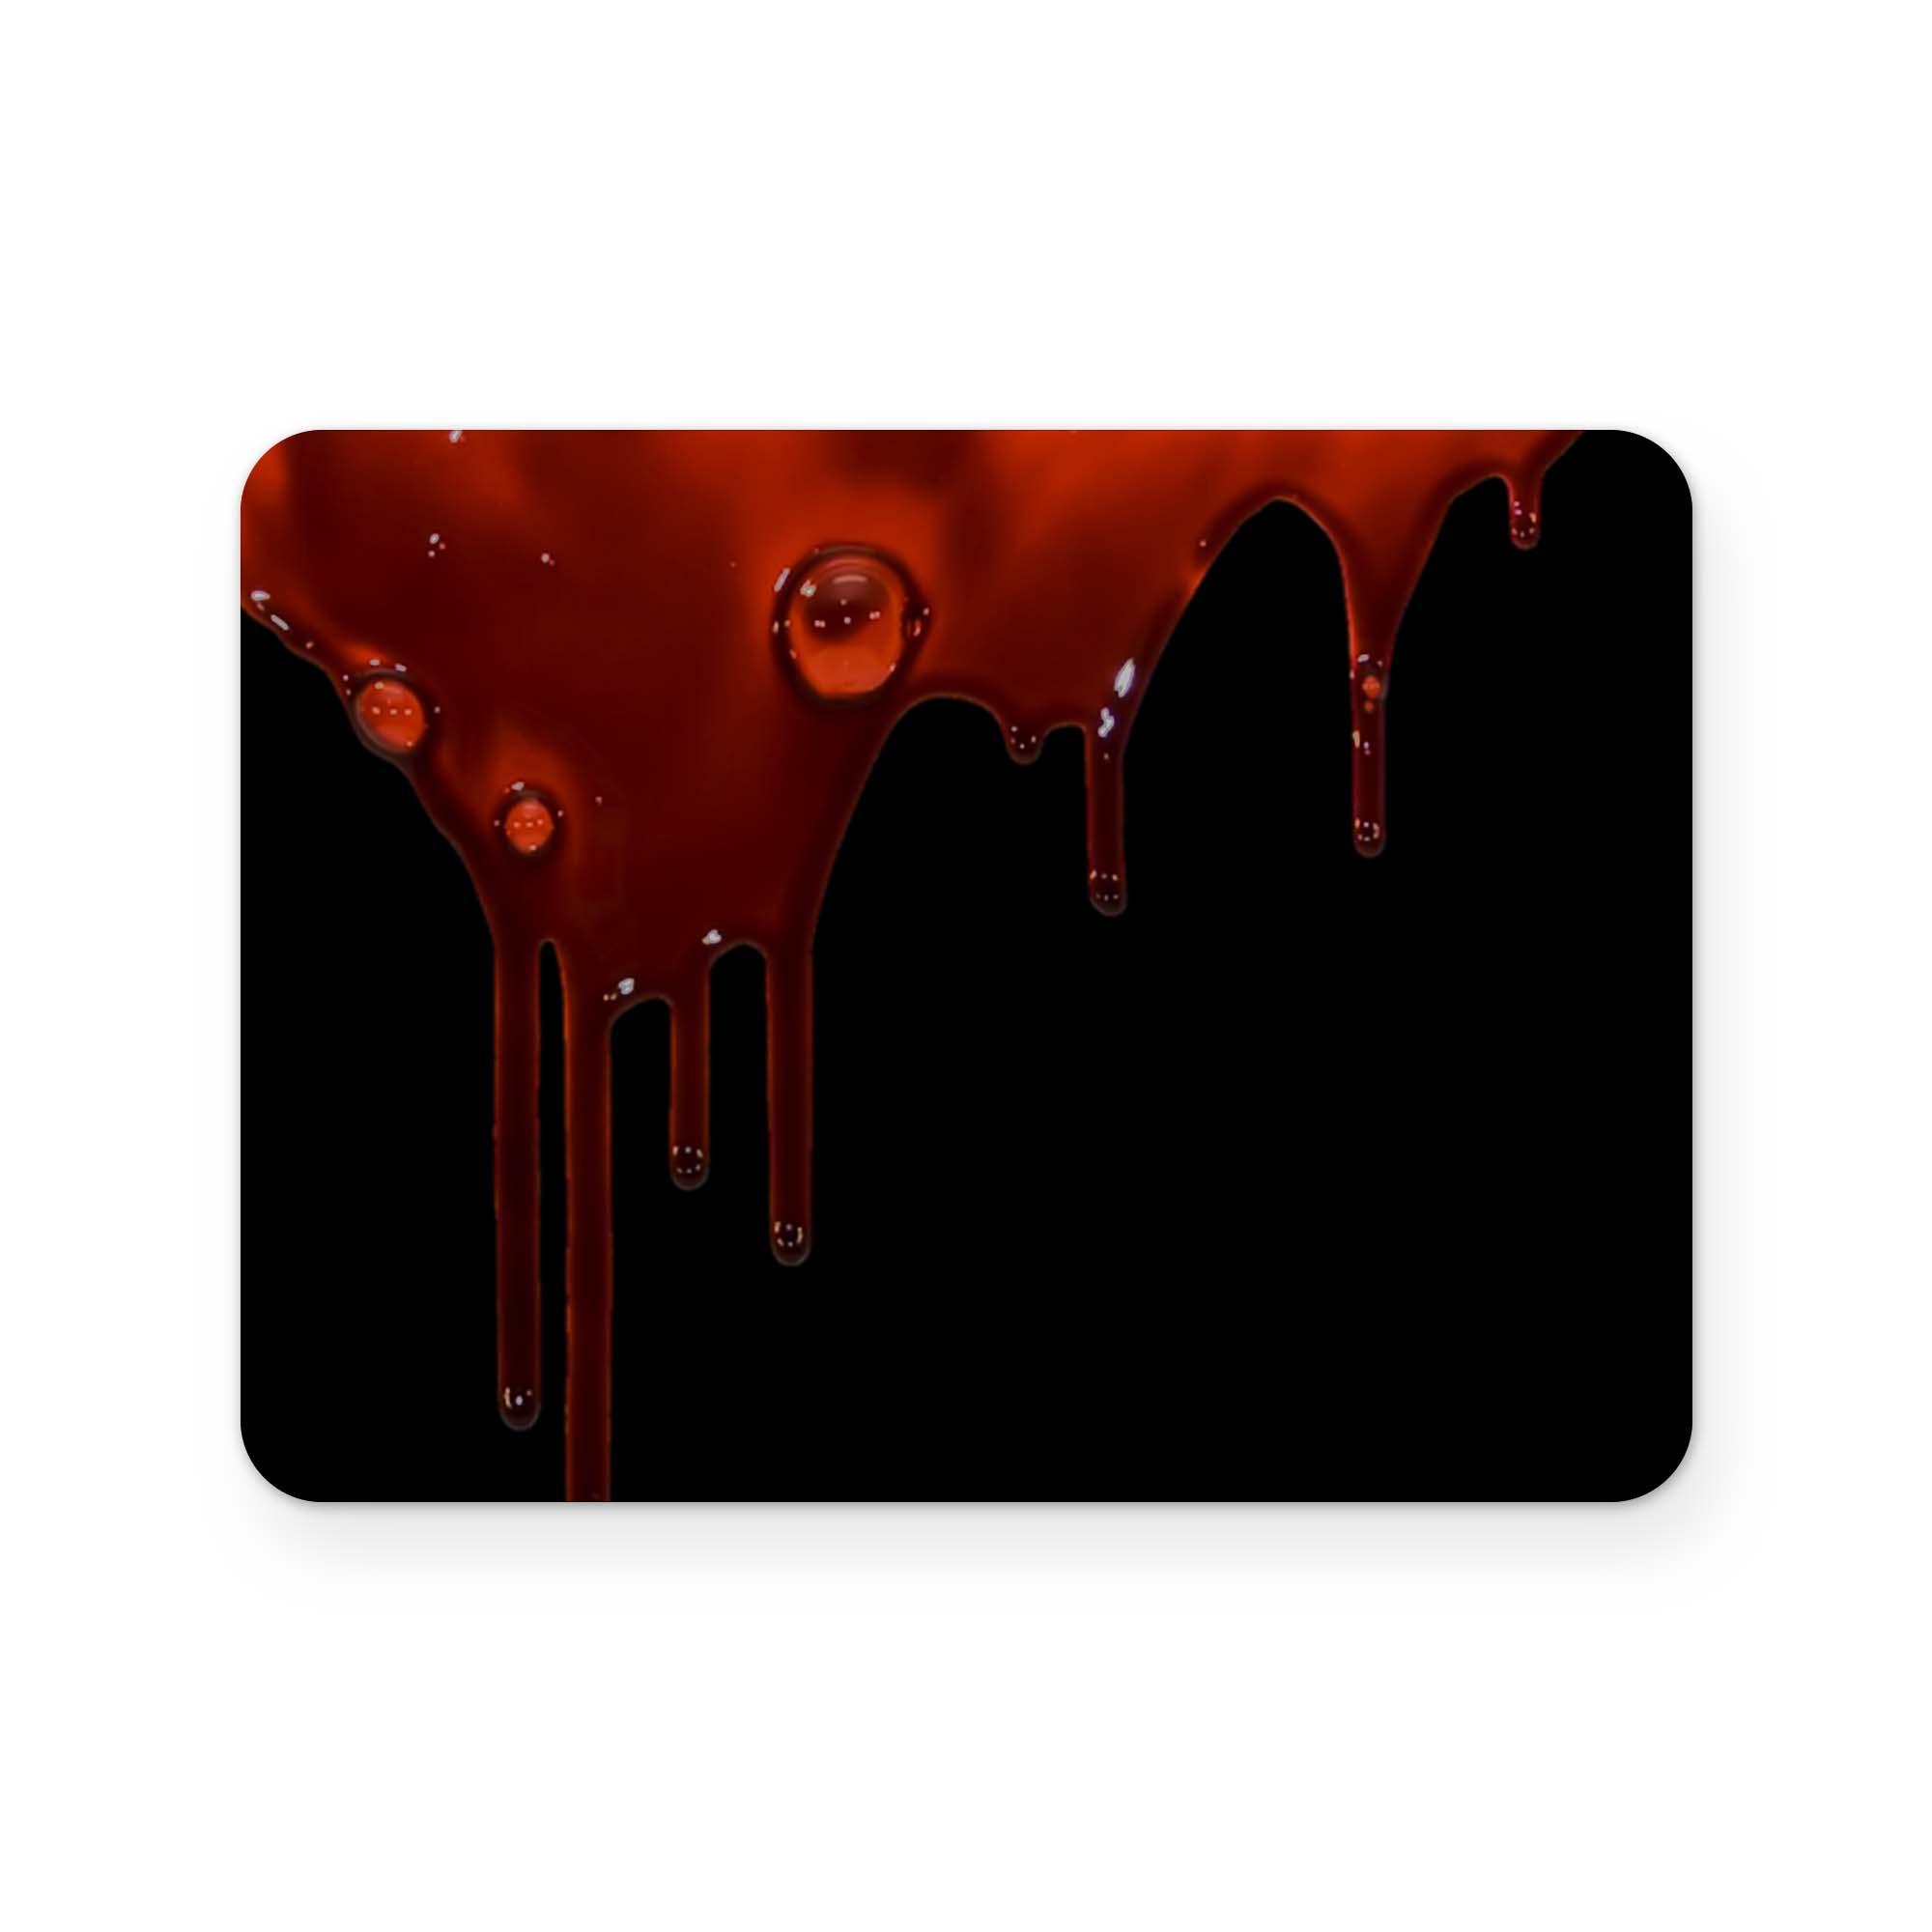 بررسی و {خرید با تخفیف} برچسب تاچ پد دسته پلی استیشن 4 ونسونی طرح Blood Gushبسته 2 عددی اصل